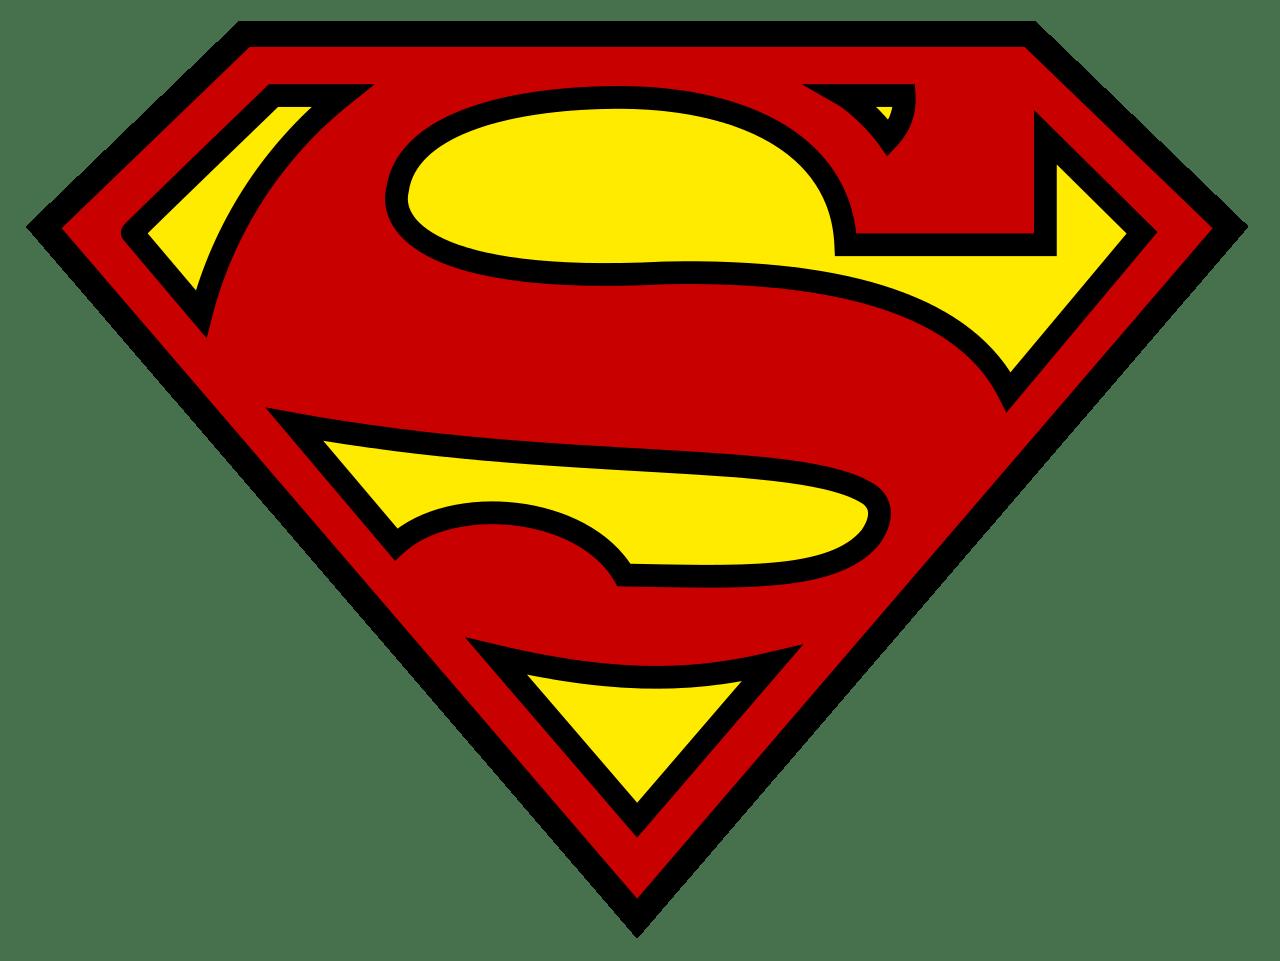 Polscy supermeni i supermenki ostatniego stulecia historii Polski